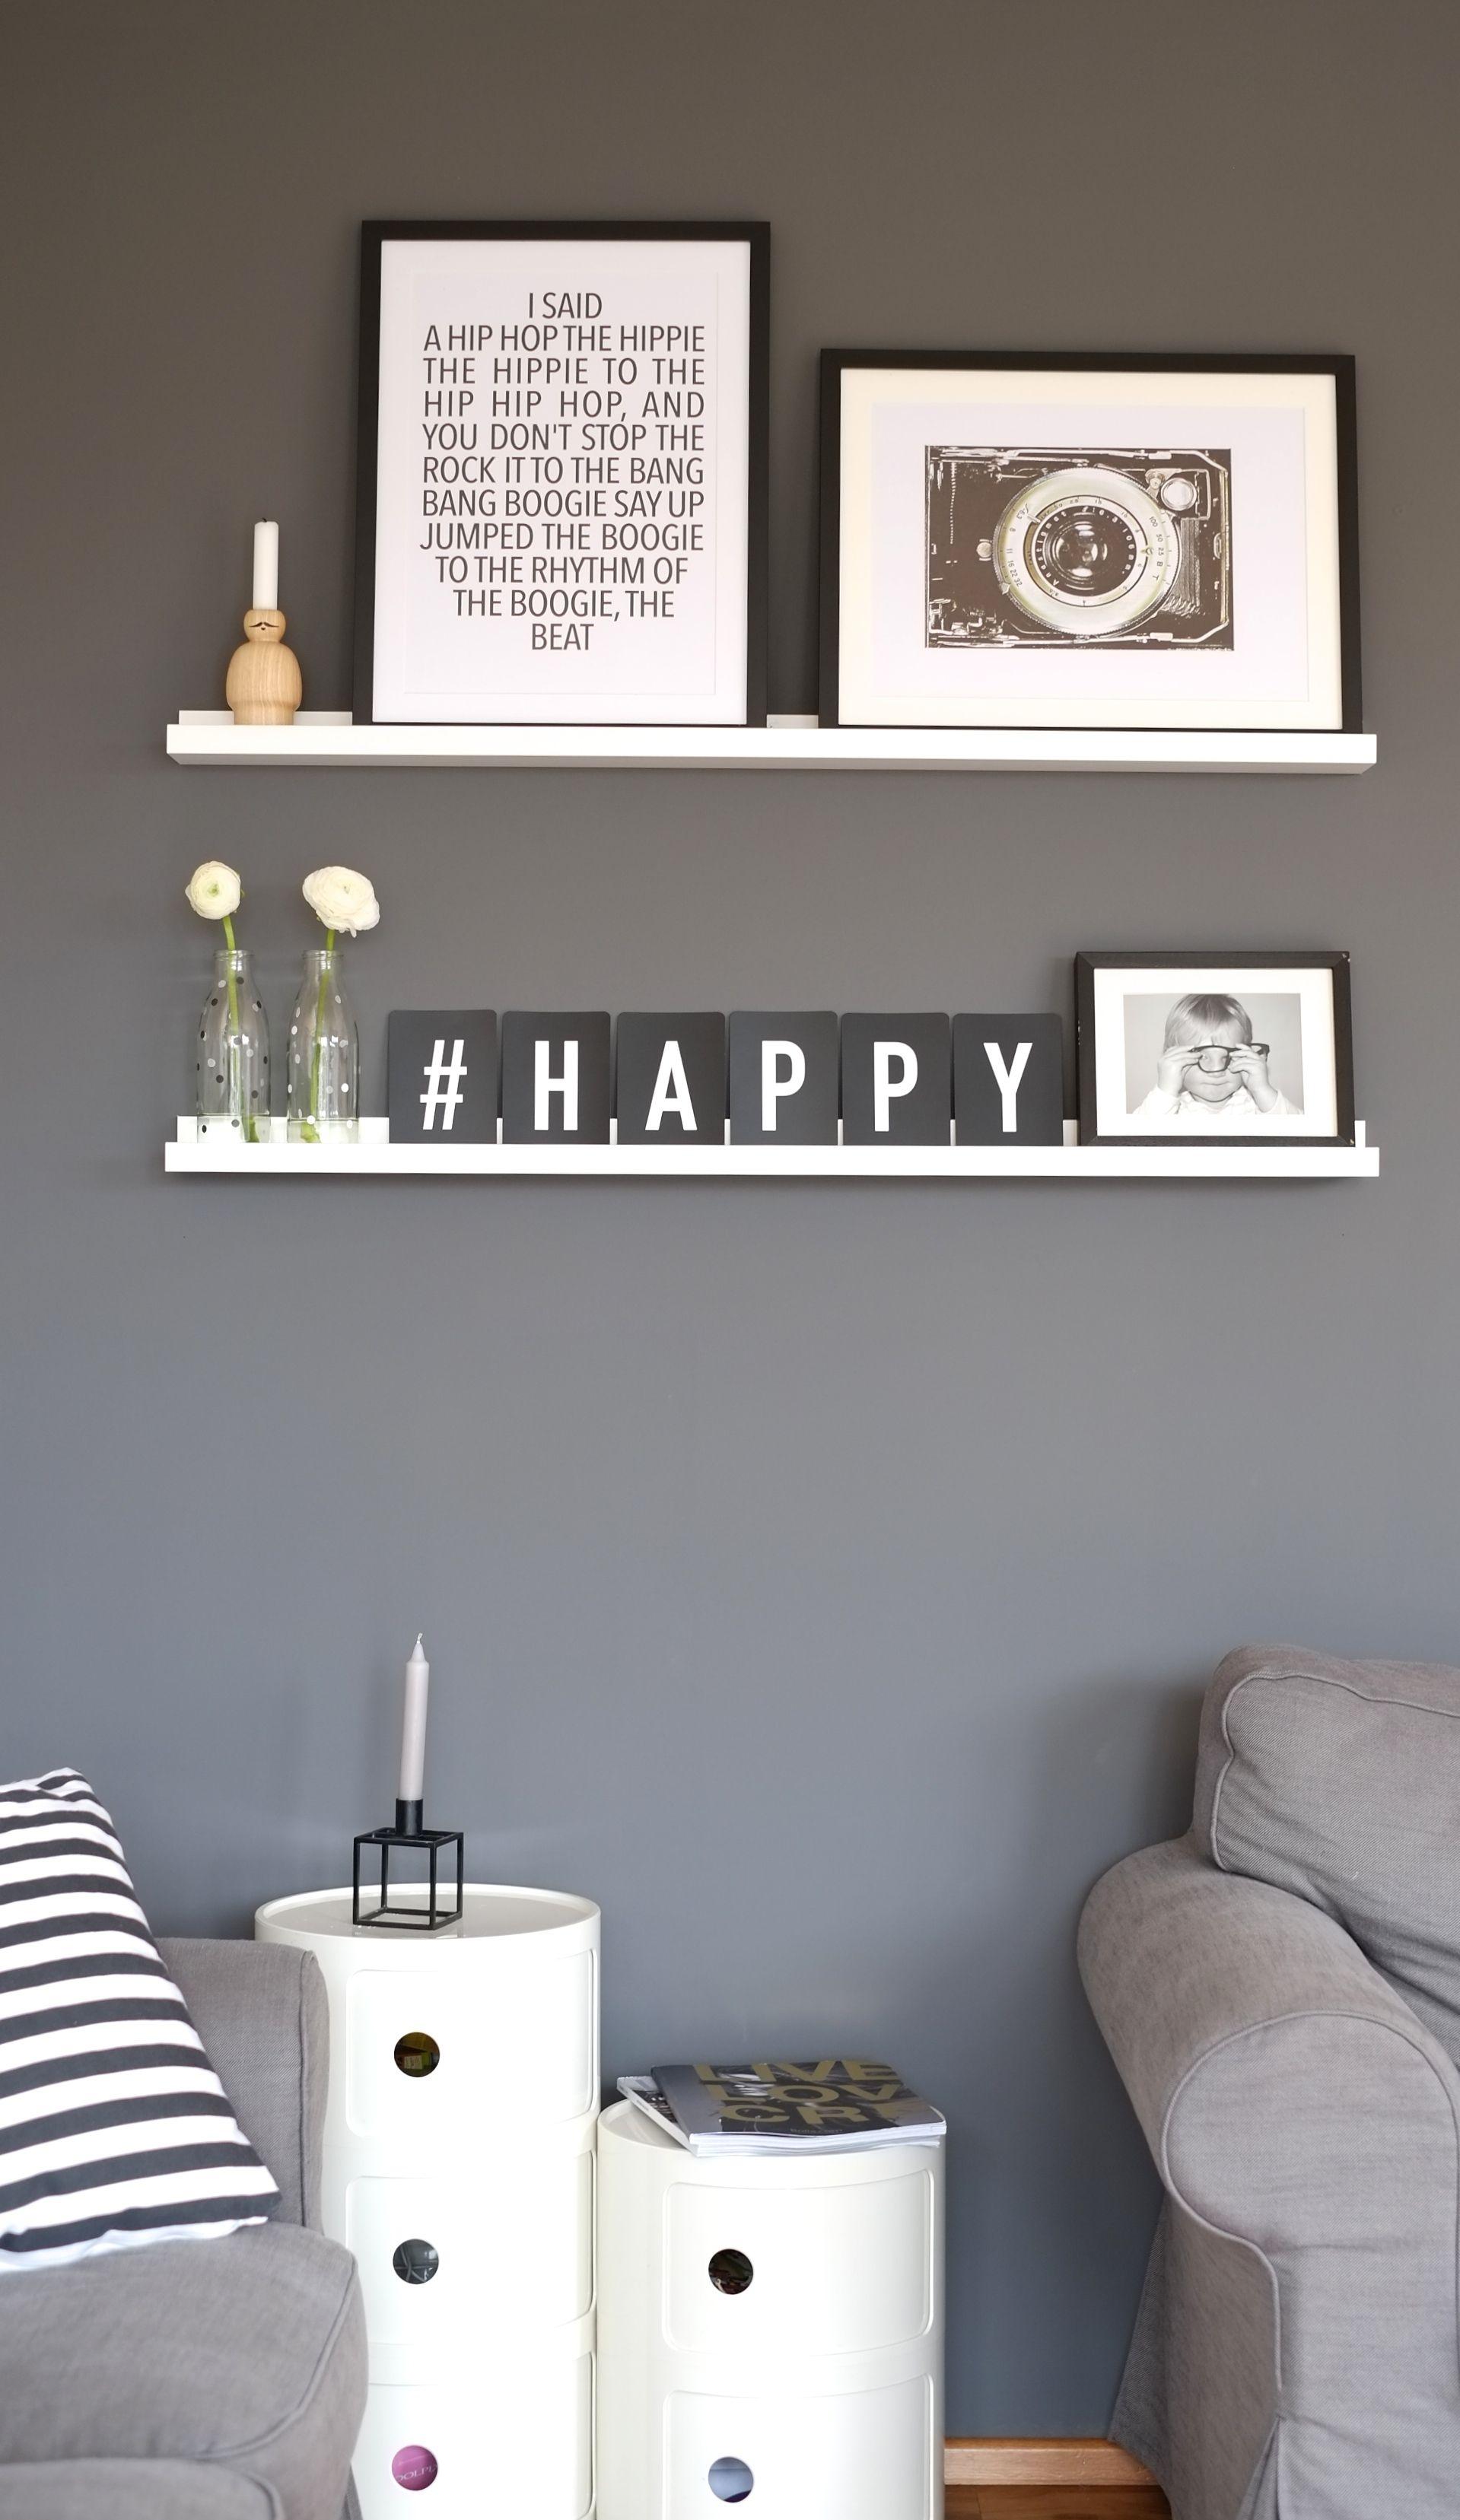 graue w nde sind cool grey walls are cool die buchstaben karten gibt es auf www. Black Bedroom Furniture Sets. Home Design Ideas